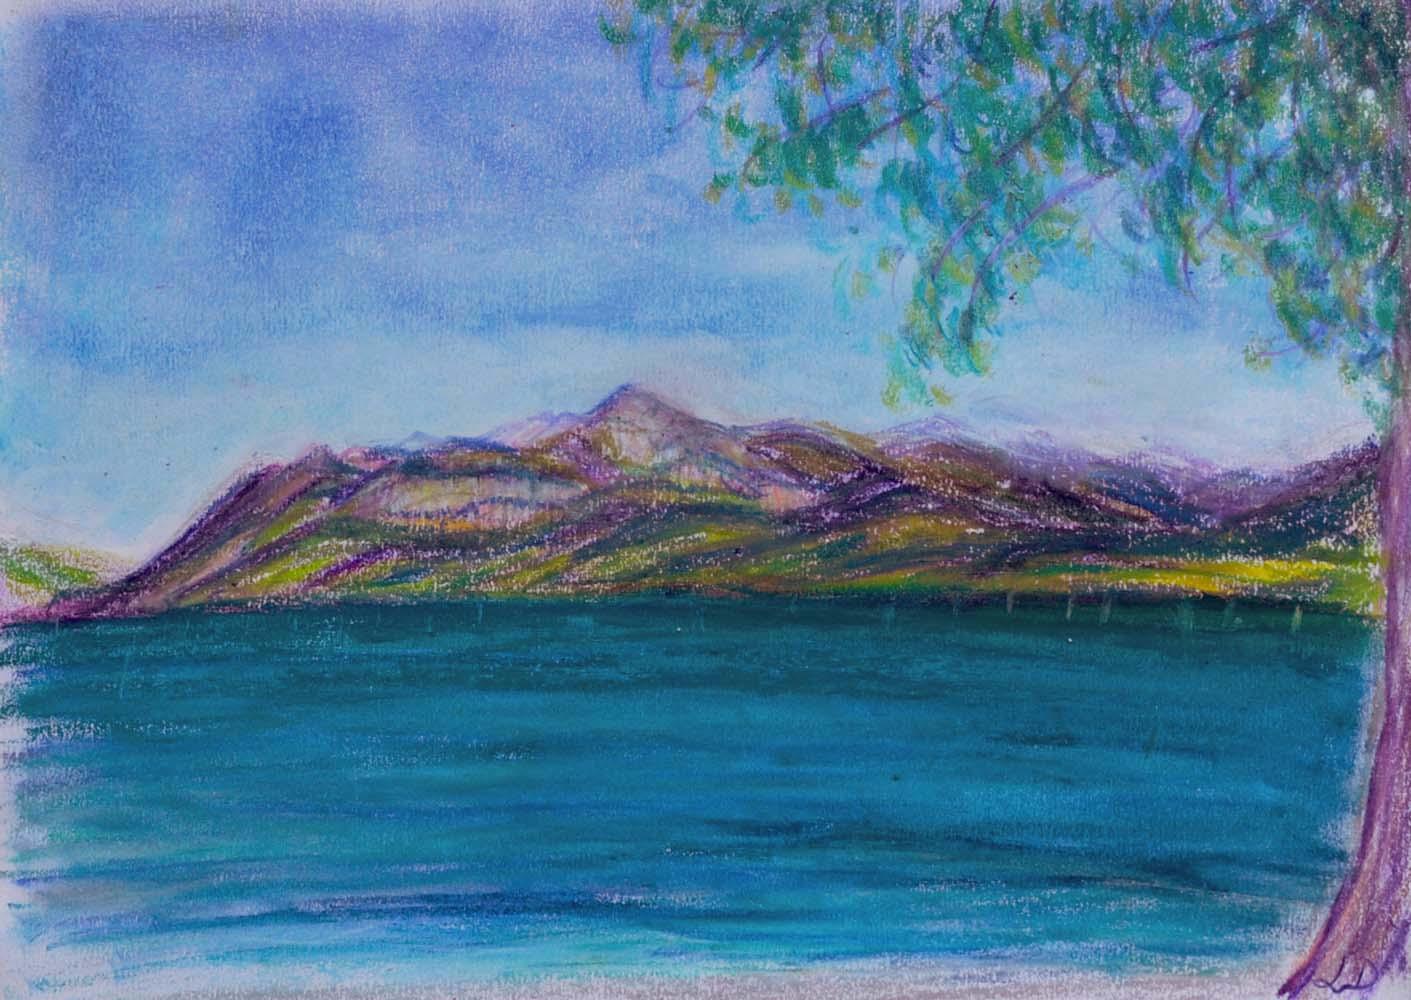 Lac Léman, St Prex no. 2. Pastel à la cire sur papier, 21x30, 2018